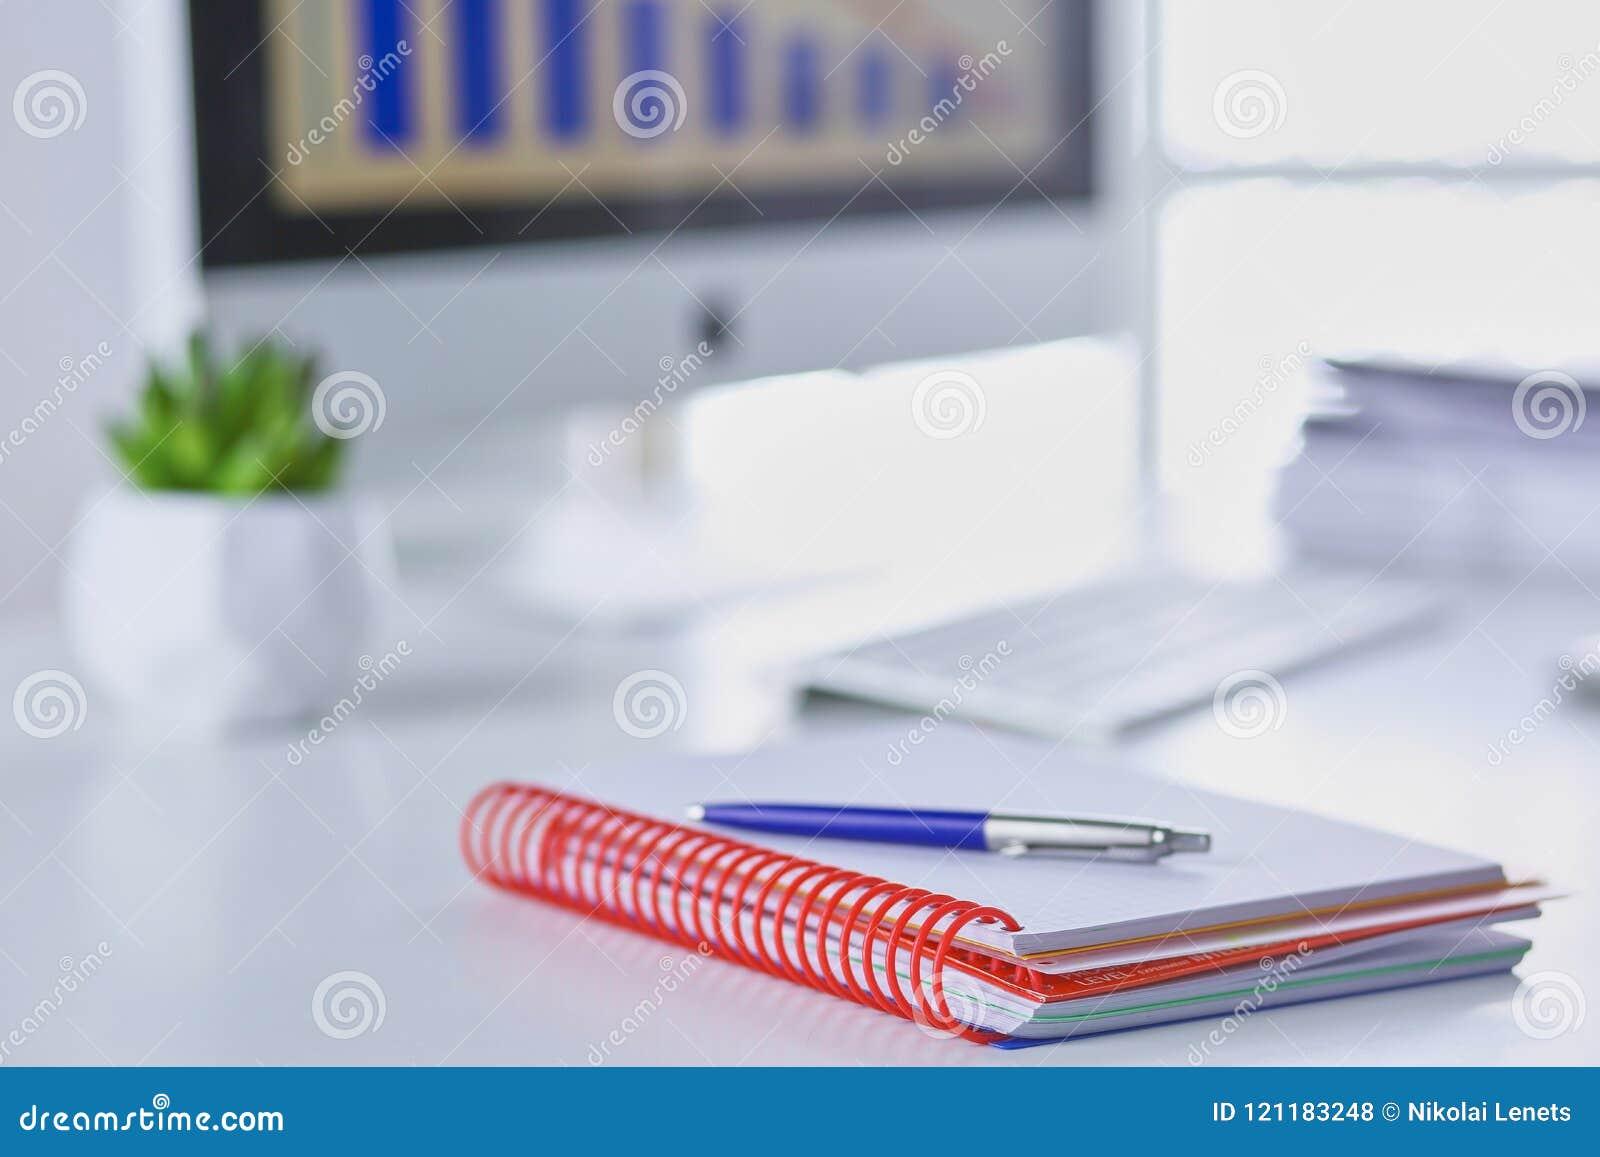 Maqueta, equipo de escritorio y materiales de oficina de la presentación del espacio de trabajo en el escritorio de mármol